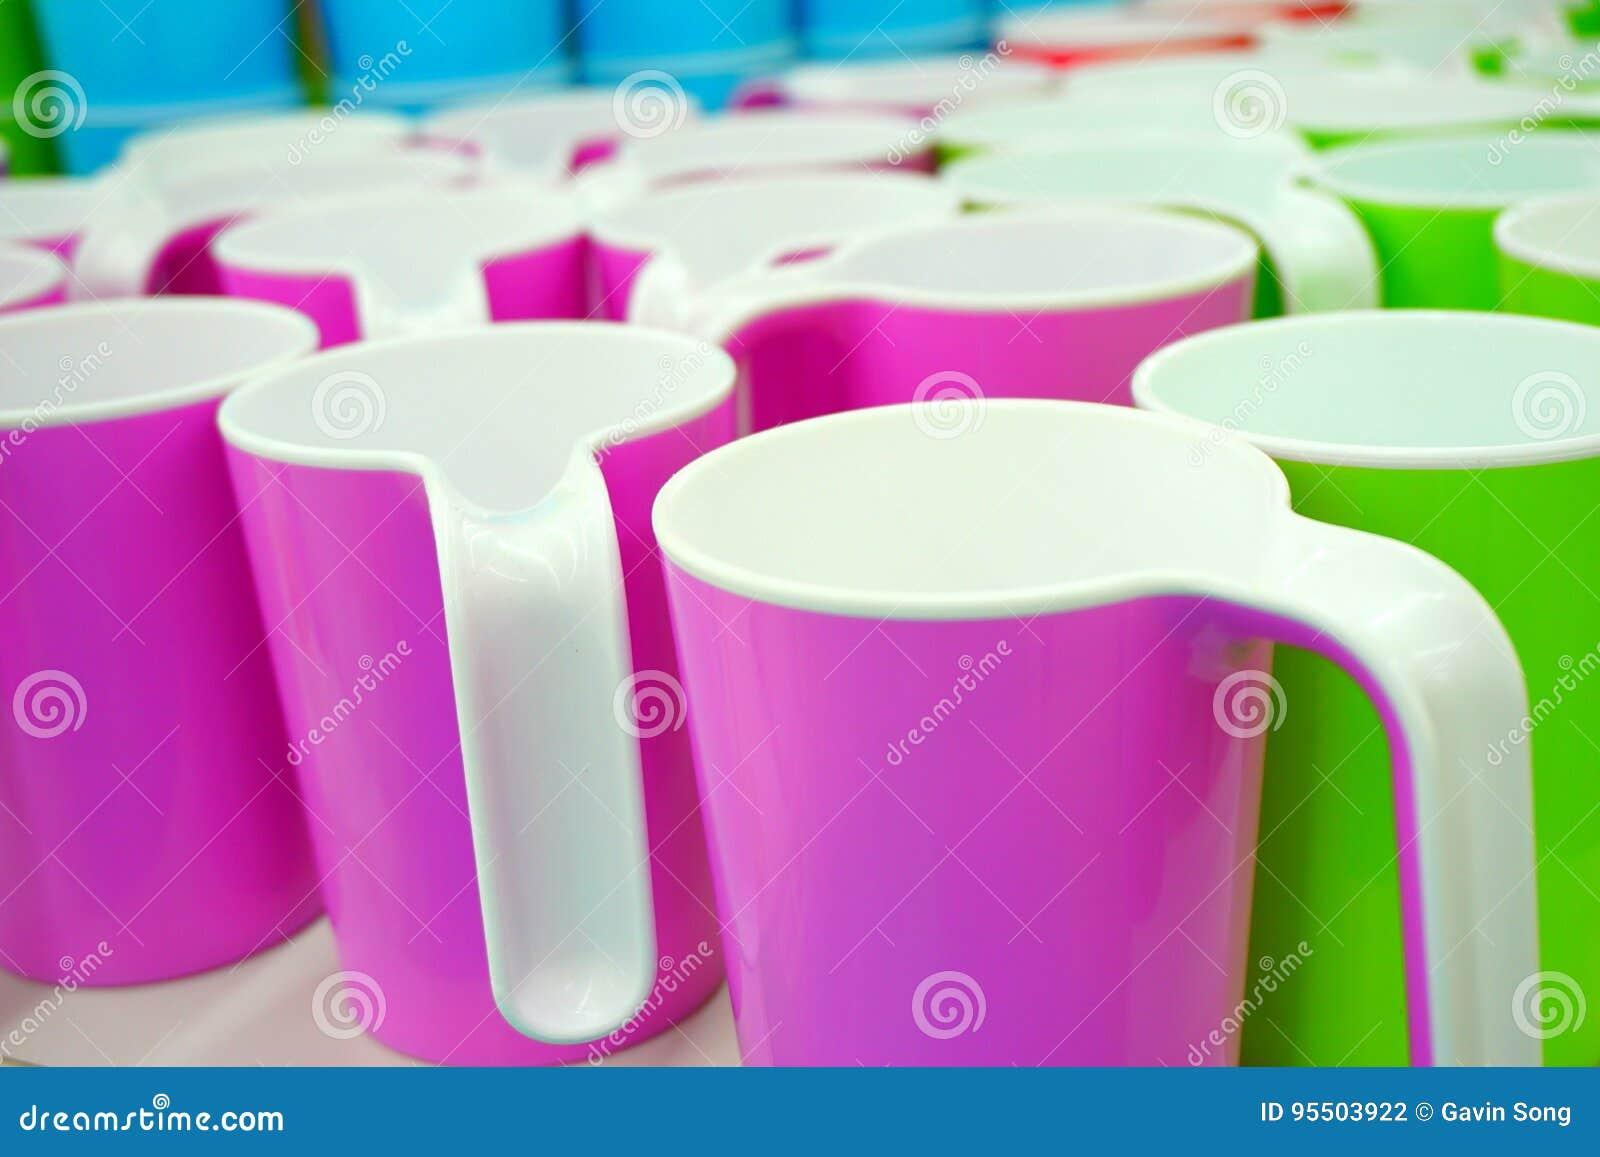 Alguns copos plásticos coloridos